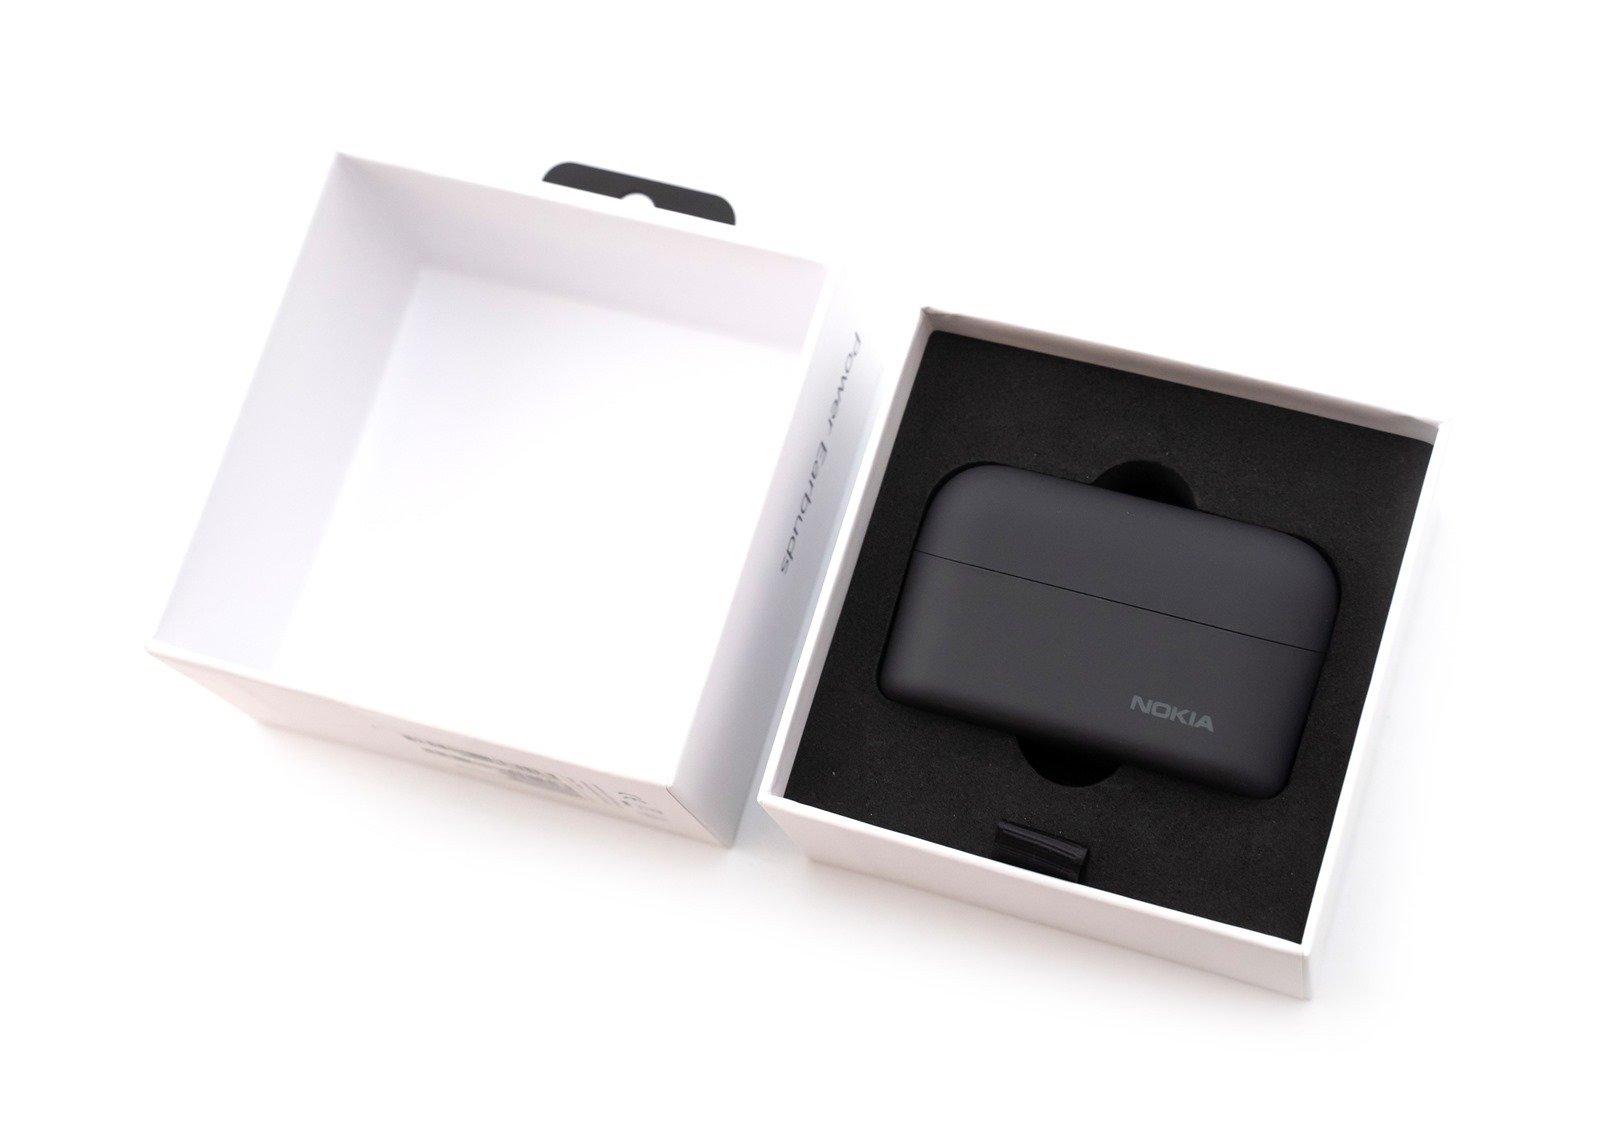 Nokia 超持久真無線藍牙耳機 Nokia Power Earbuds 開箱!150 小時電力不用 3000 可入手! @3C 達人廖阿輝